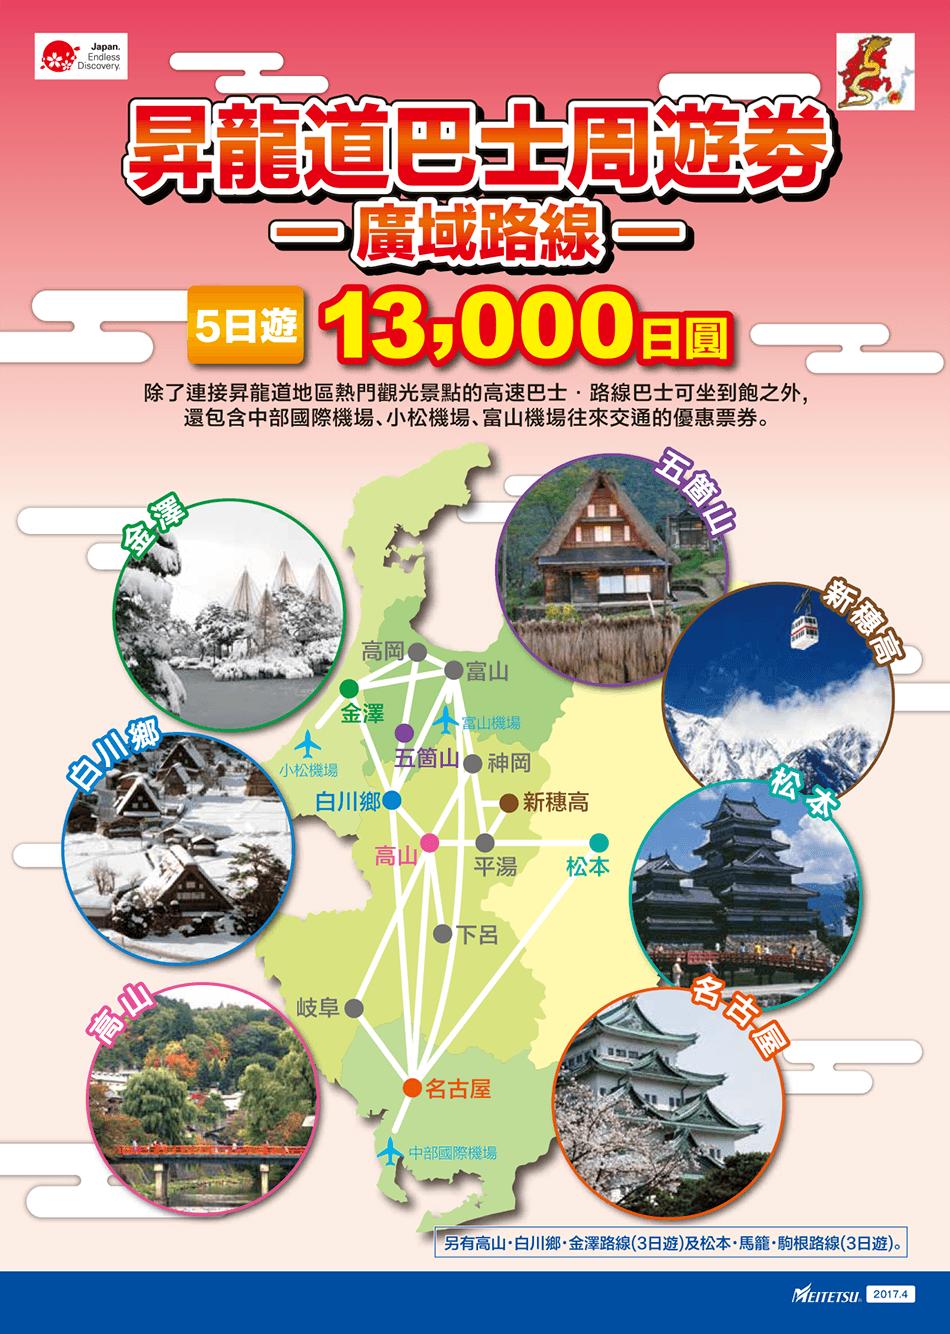 昇龍道高速巴士票卷13000